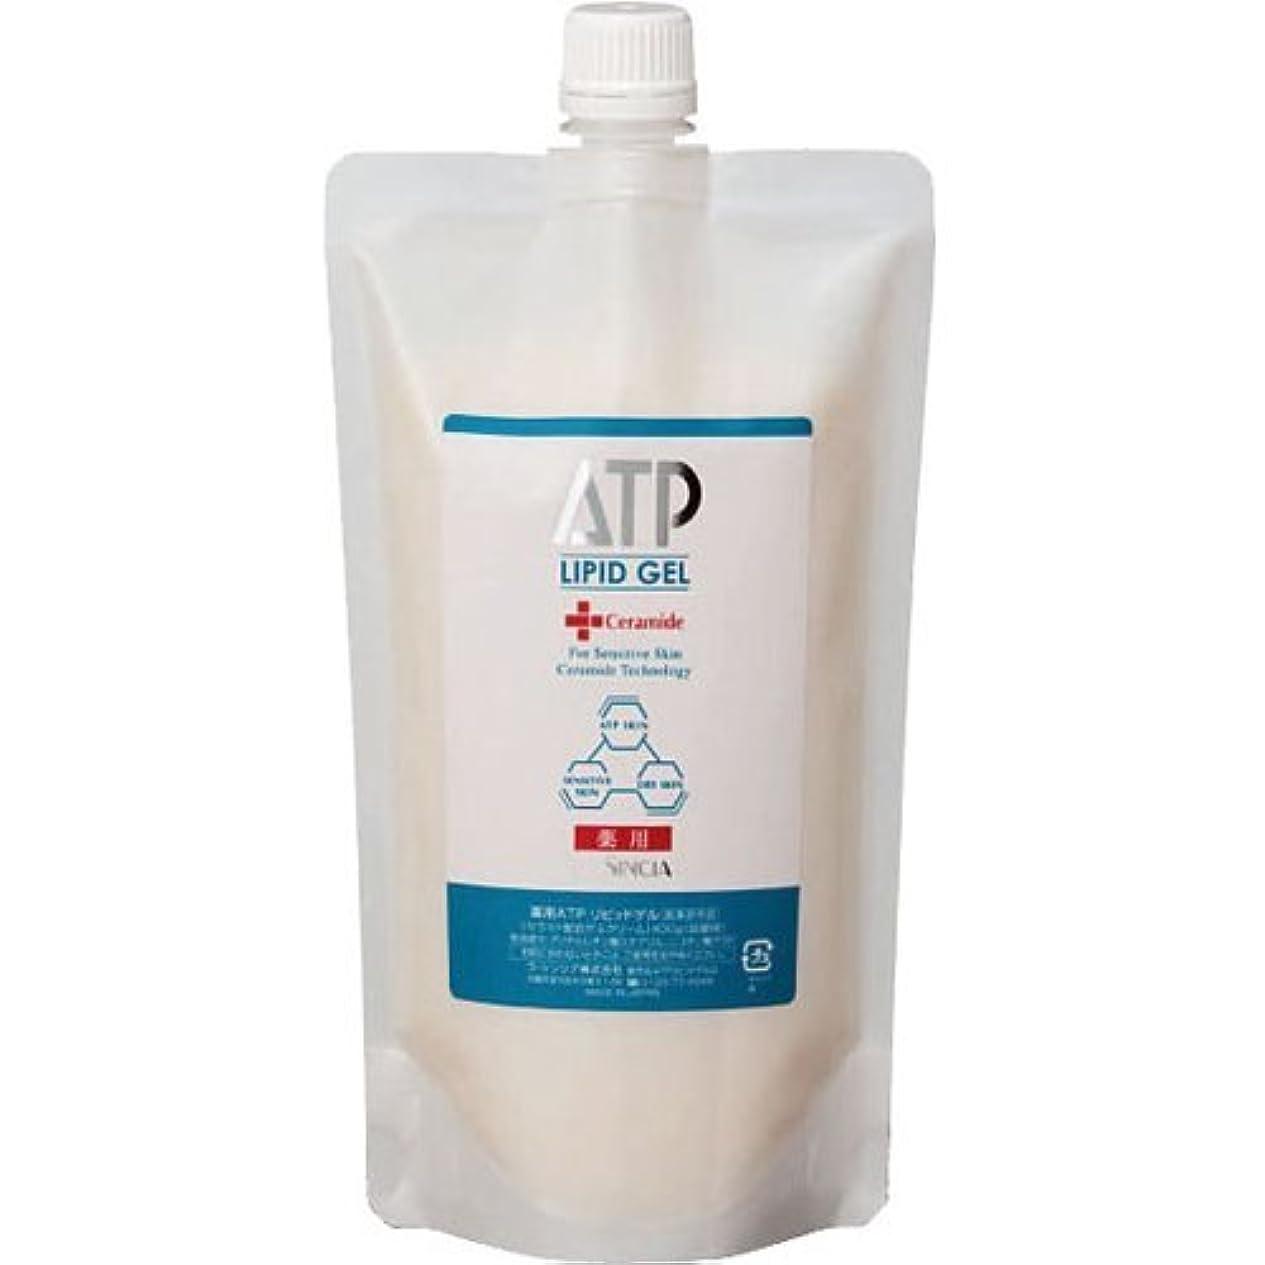 終わったオーバーコート不振ラシンシア 薬用ATPリピッドゲル 400g(詰替用) 【セラミド配合ゲルクリーム】